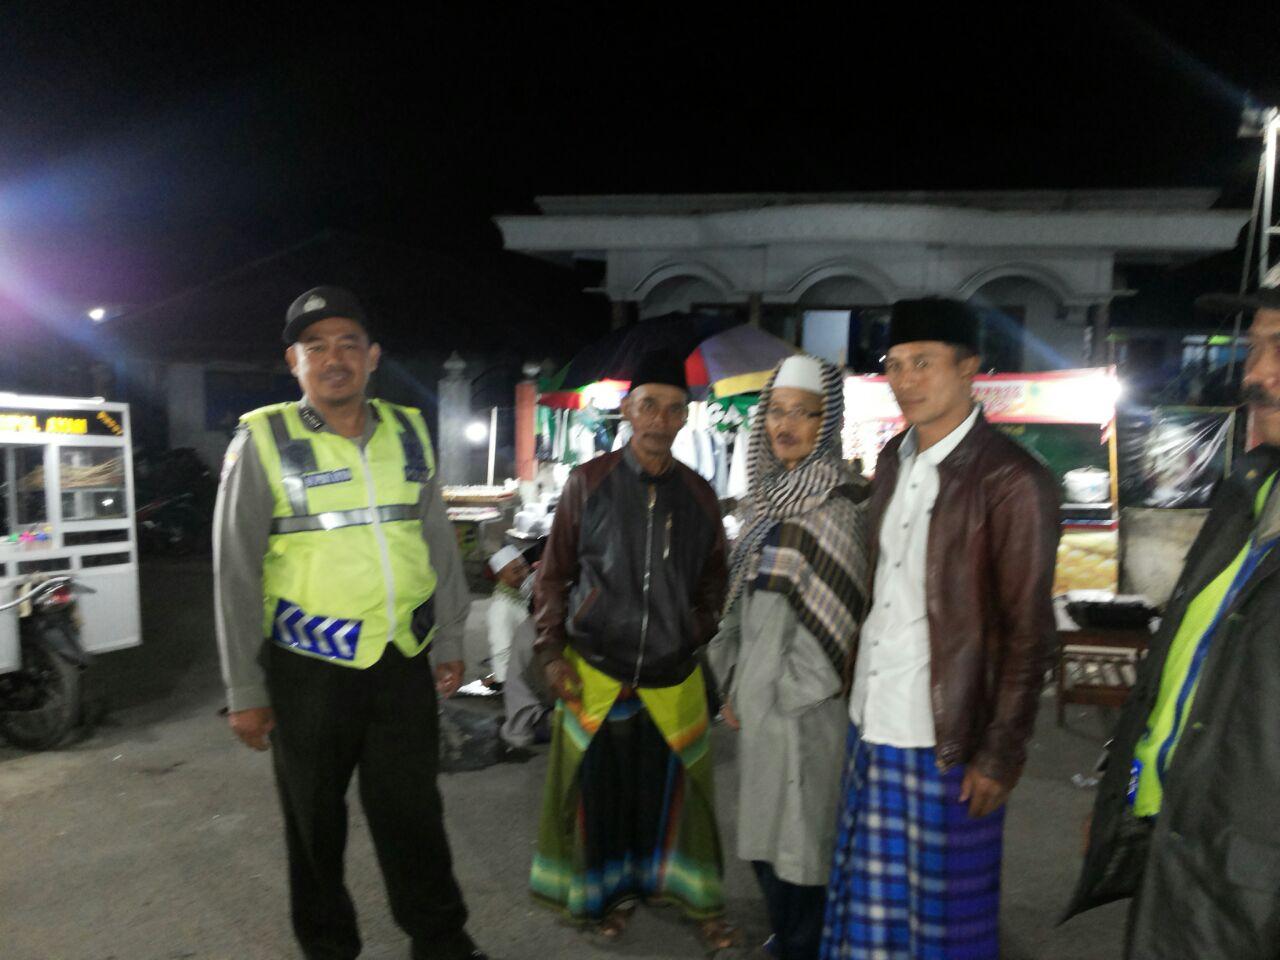 Anggota Bhabinkamtibmas Polsek Pujon Polres Batu Giatkan Pengamanan Pengajian Riyadlul Jannah Guna Berikan Rasa Aman Dan Kondusif